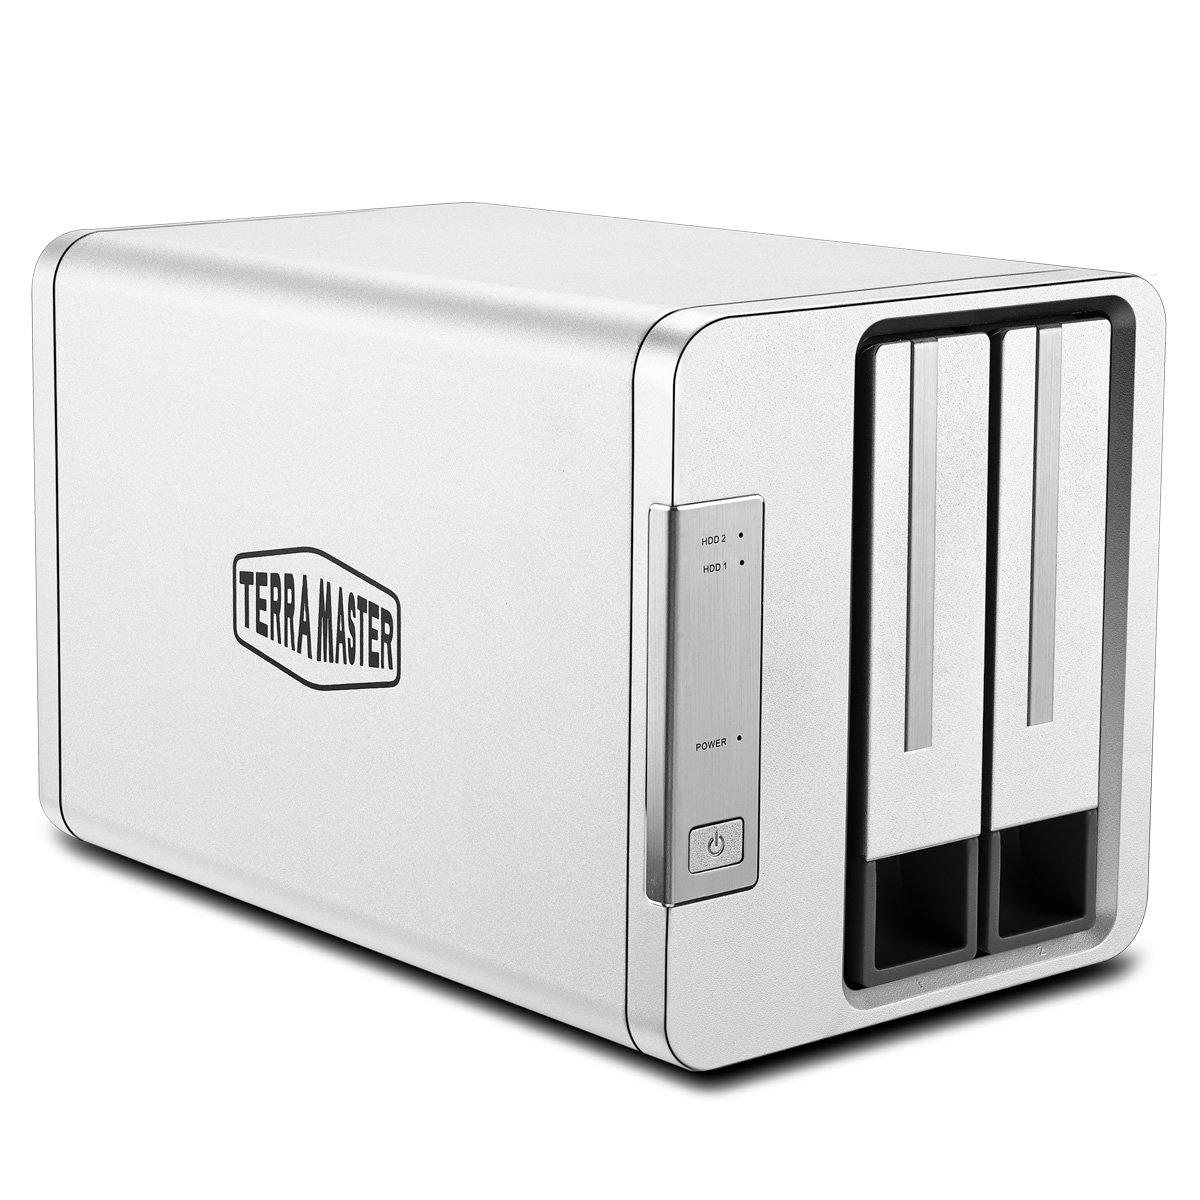 TerraMaster D2-310 Hard Disk Esterno Rete RAID Disco Rigido Alloggiamento HDD/SSD Custodia di Disco Rigido Esterno USB3.1(10Gbps) Tipo C SUPERSPEED+ RAID Storage (16TB) Supporto JBOD/RAID 0/RAID 1/Single Box per SATA Hard Disk(Diskless)